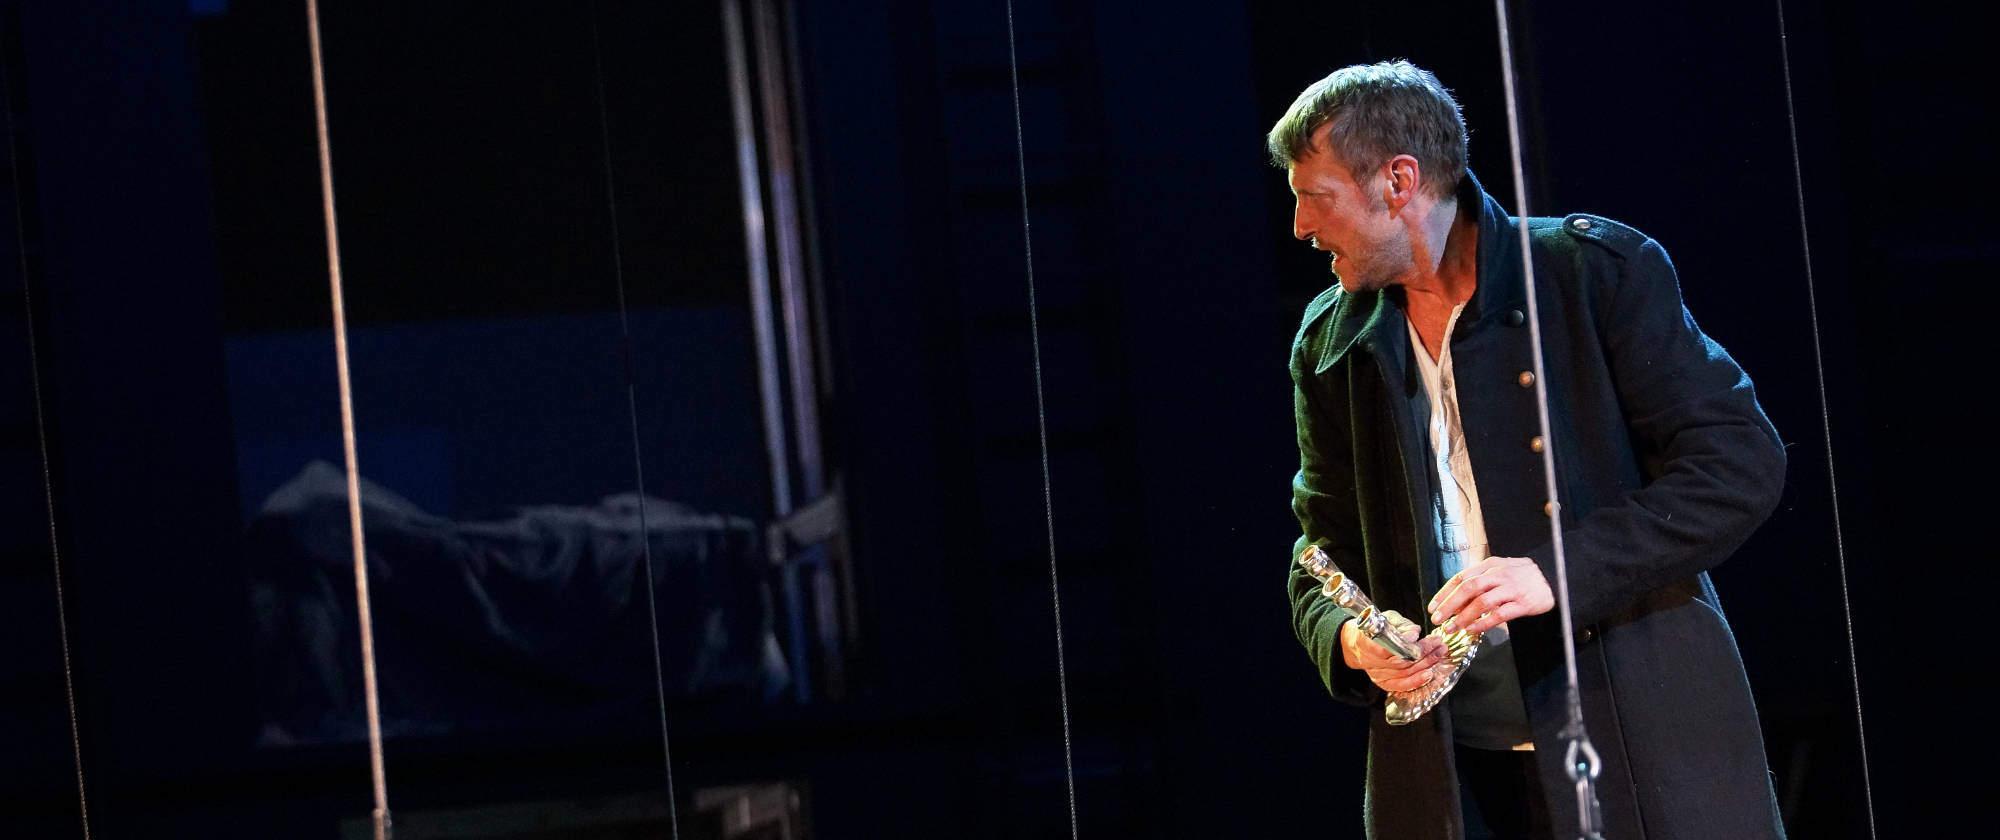 015-DIE-ELENDEN-nach-Victor-Hugo-Les-Miserables-von-Malte-Kreutzfeldt-Regie-c-photo-Olaf-Struck-Theater-Schauspielhaus-Kiel-2019